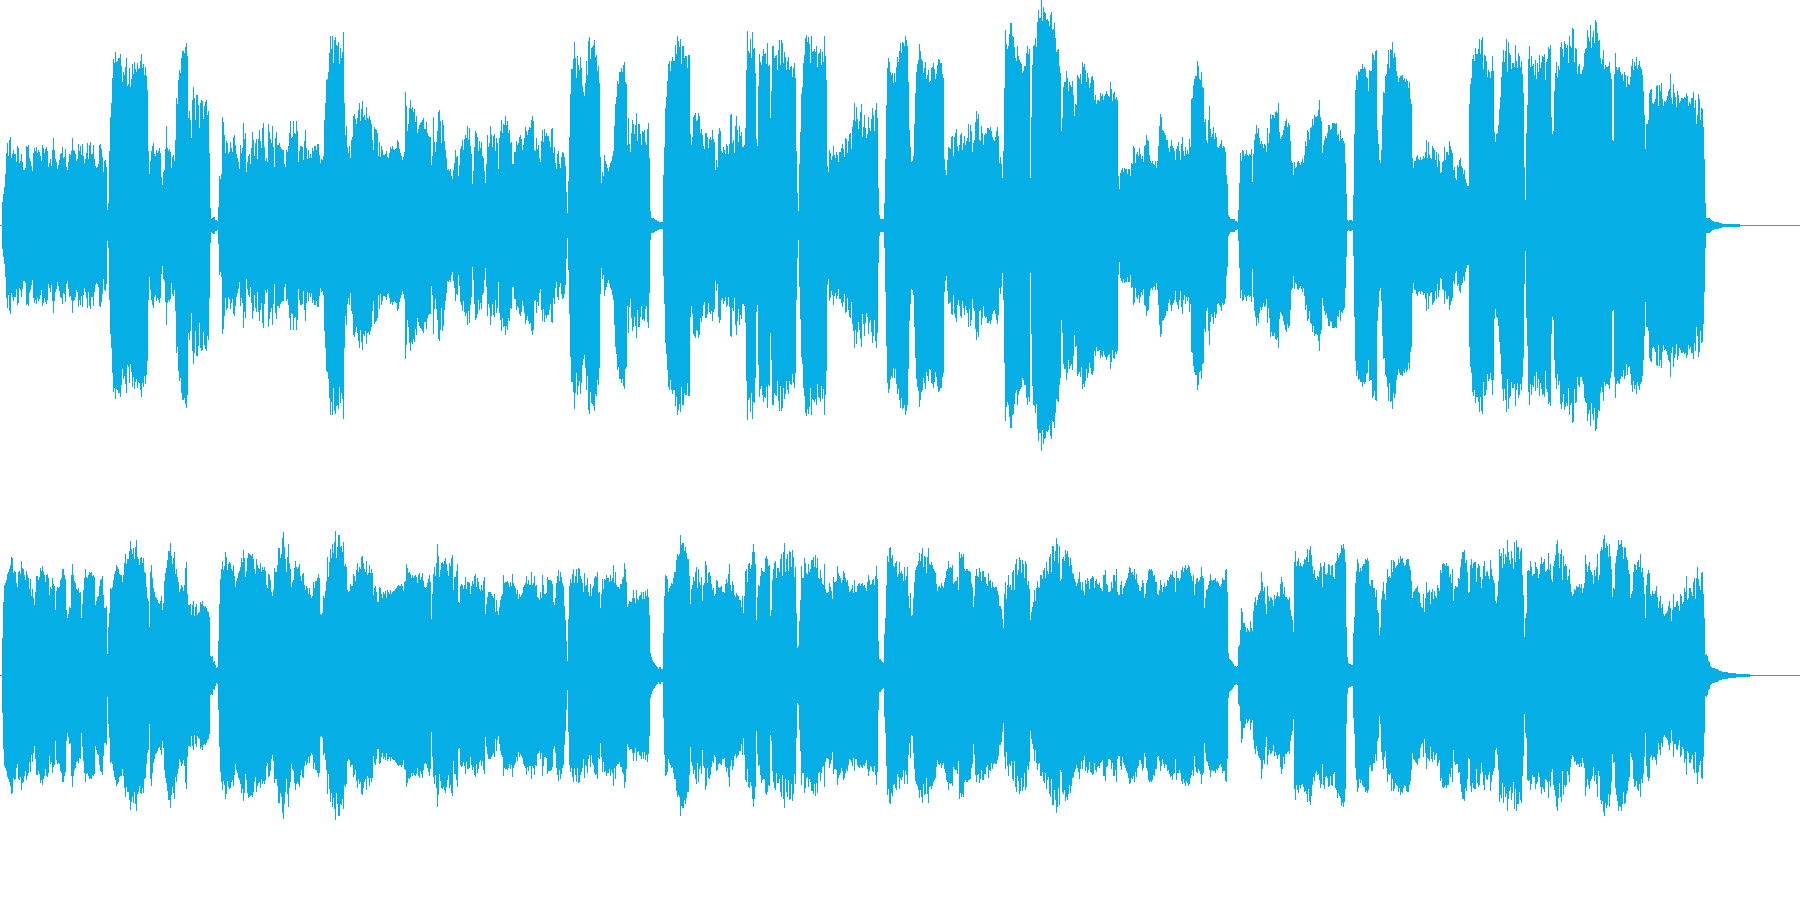 アンビエント教会オルガンのメロディ...の再生済みの波形